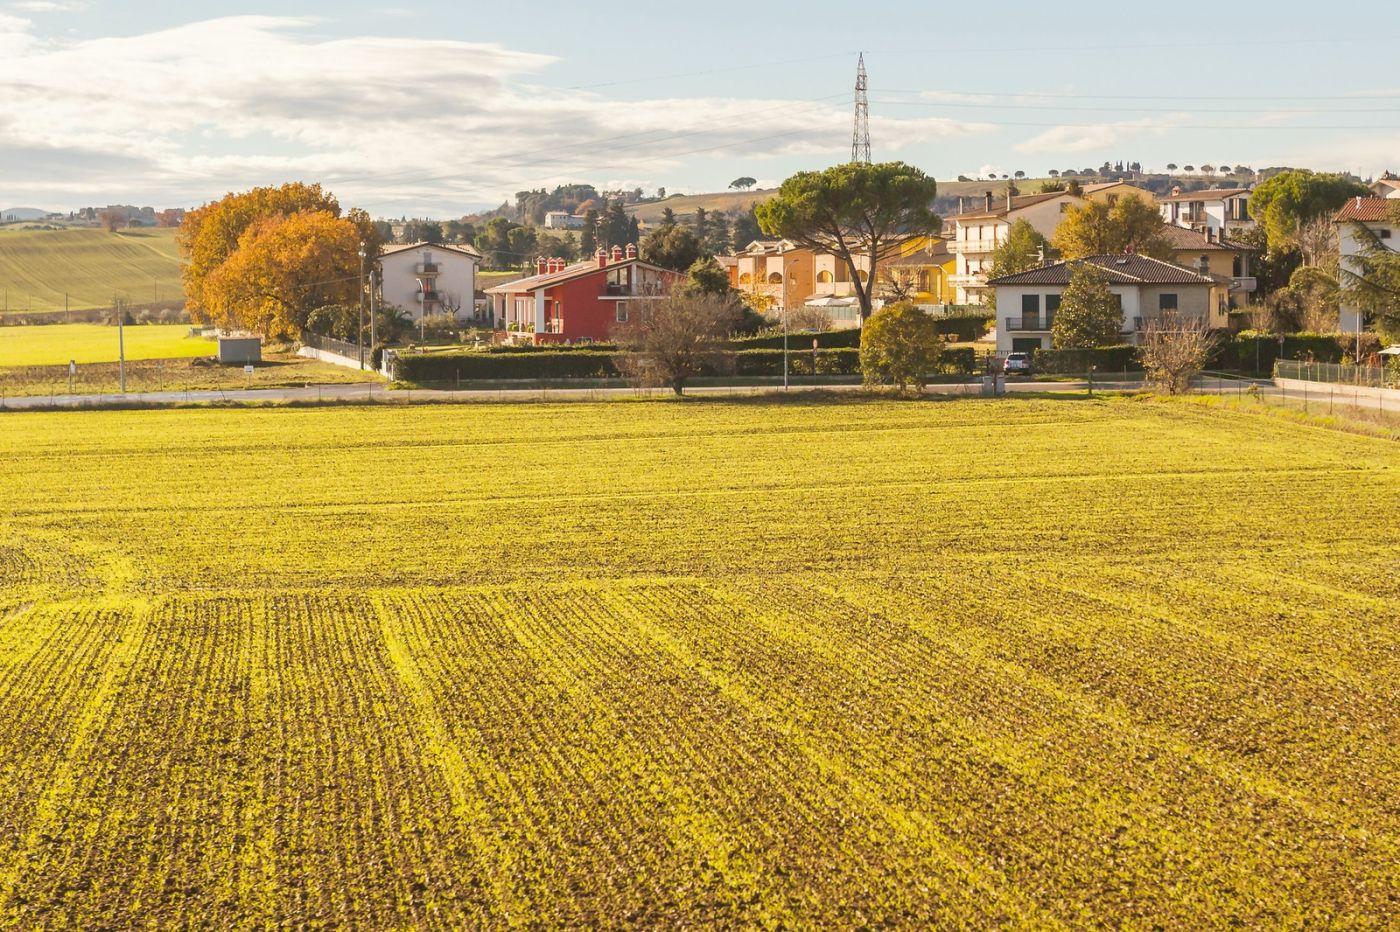 意大利路途,秋后的农村_图1-11